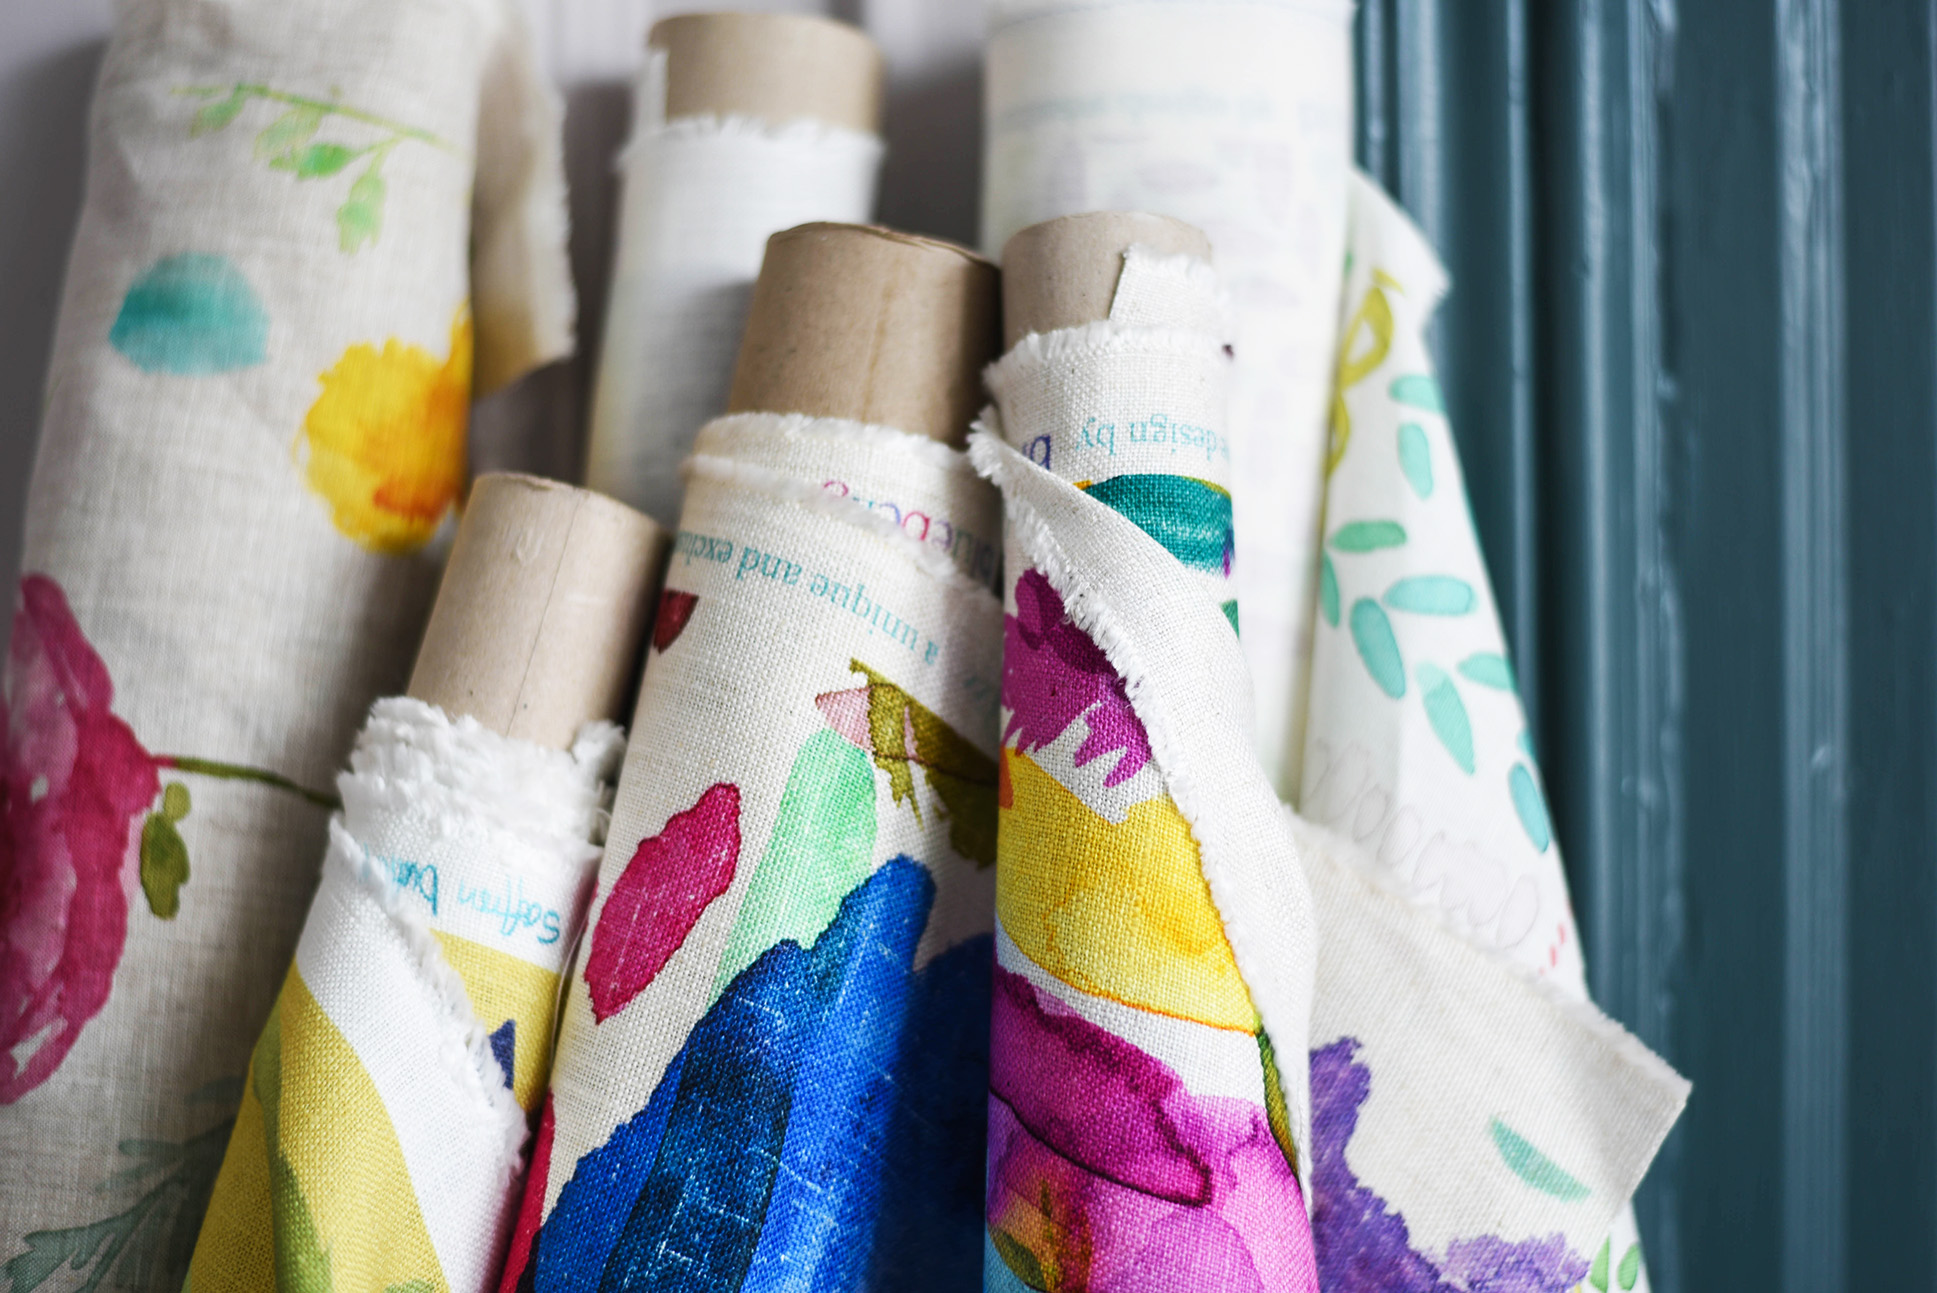 Wallpaper rolls at bluebellgray